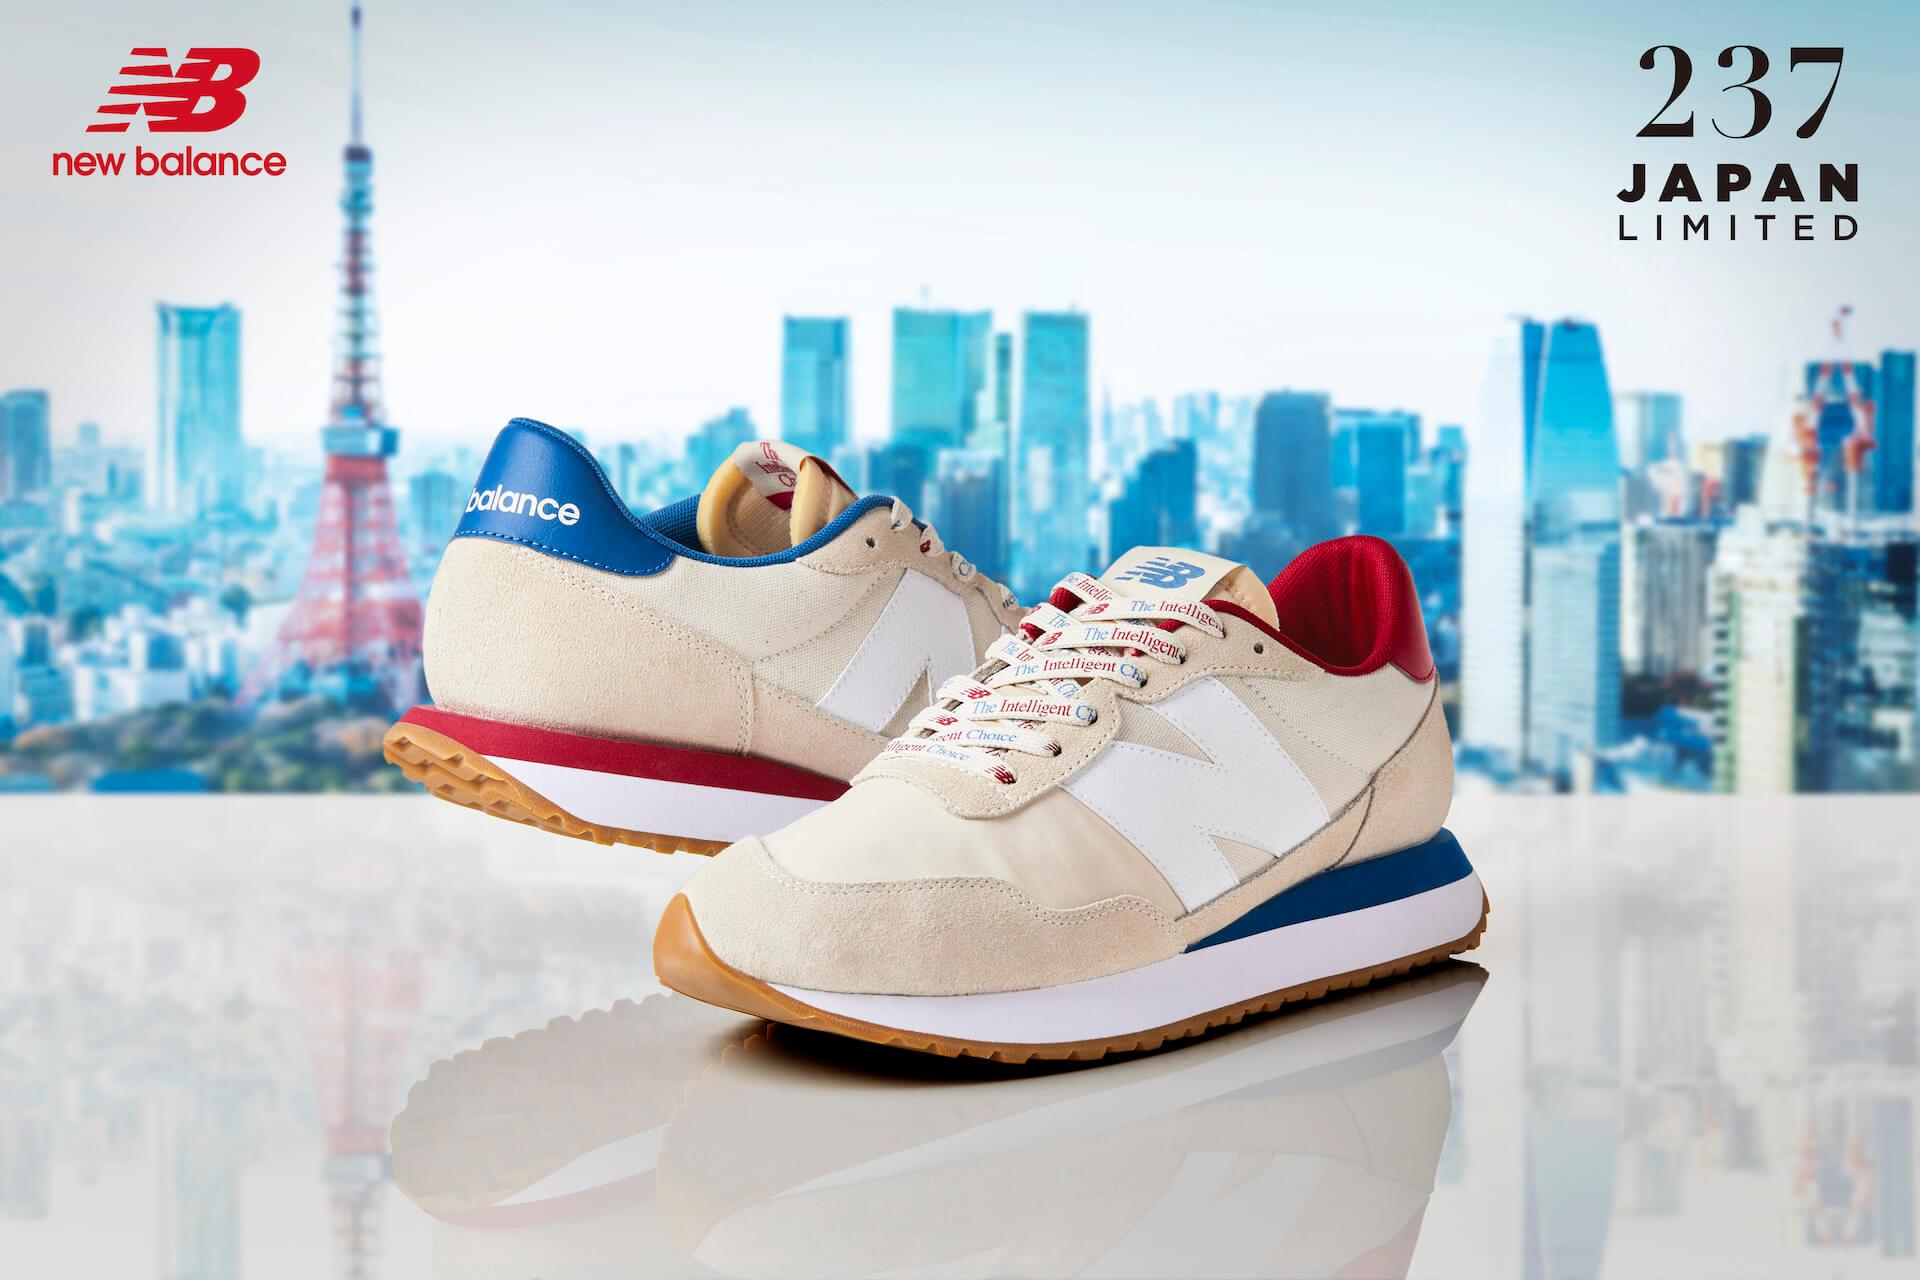 今年発売を迎えた大人気のニューバランス「237」に日本、アメリカをイメージした限定新色2足が登場! life210702_newbalance_237_1